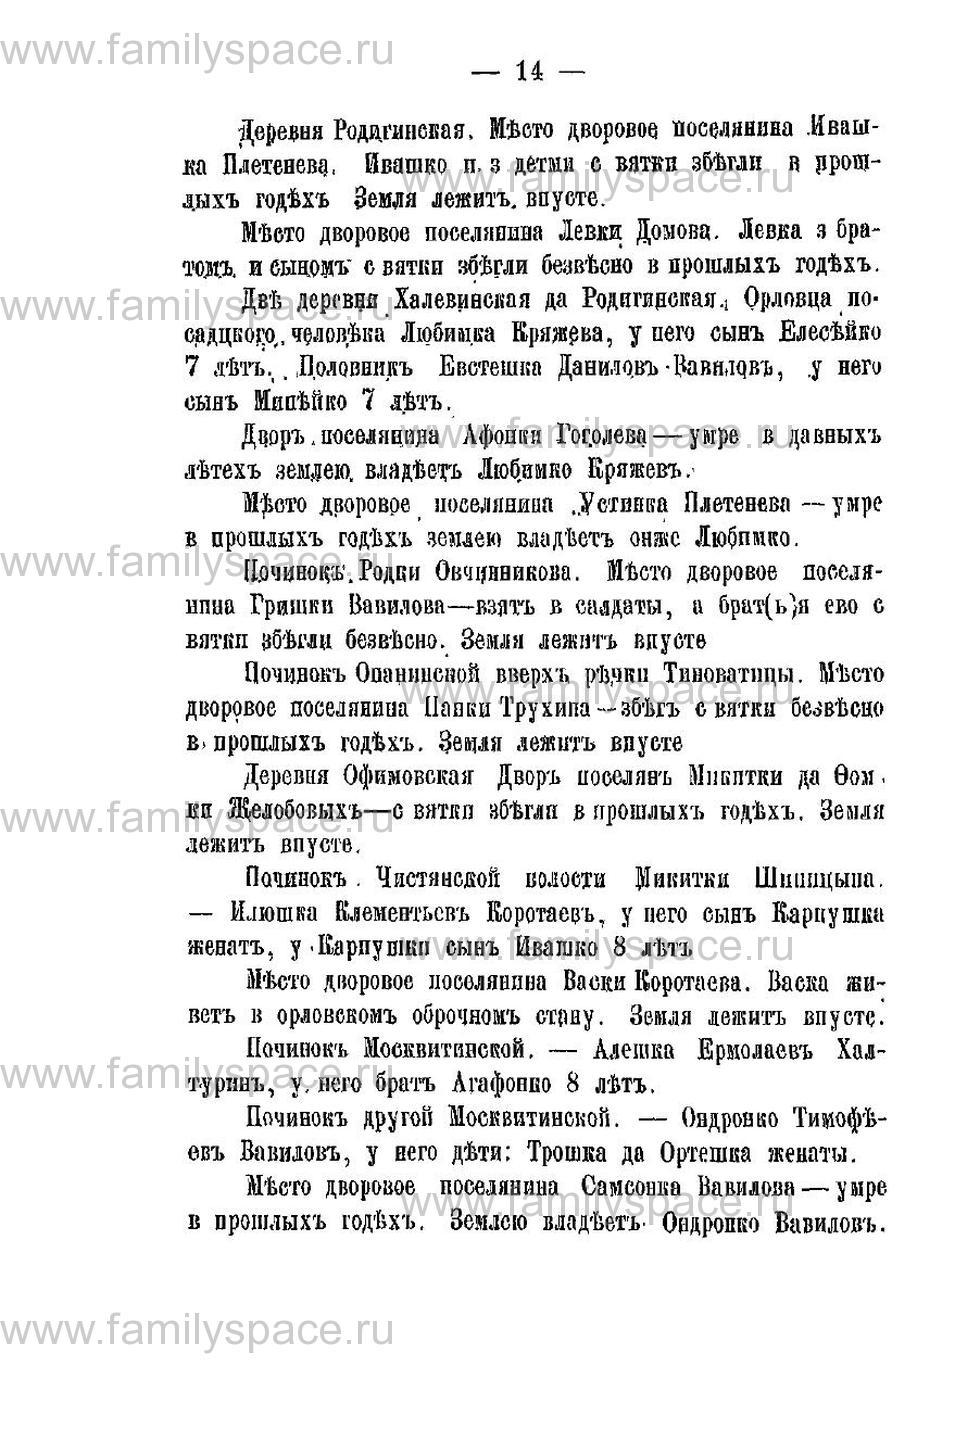 Поиск по фамилии - Переписная книга Орлова и волостей 1678 г, страница 10